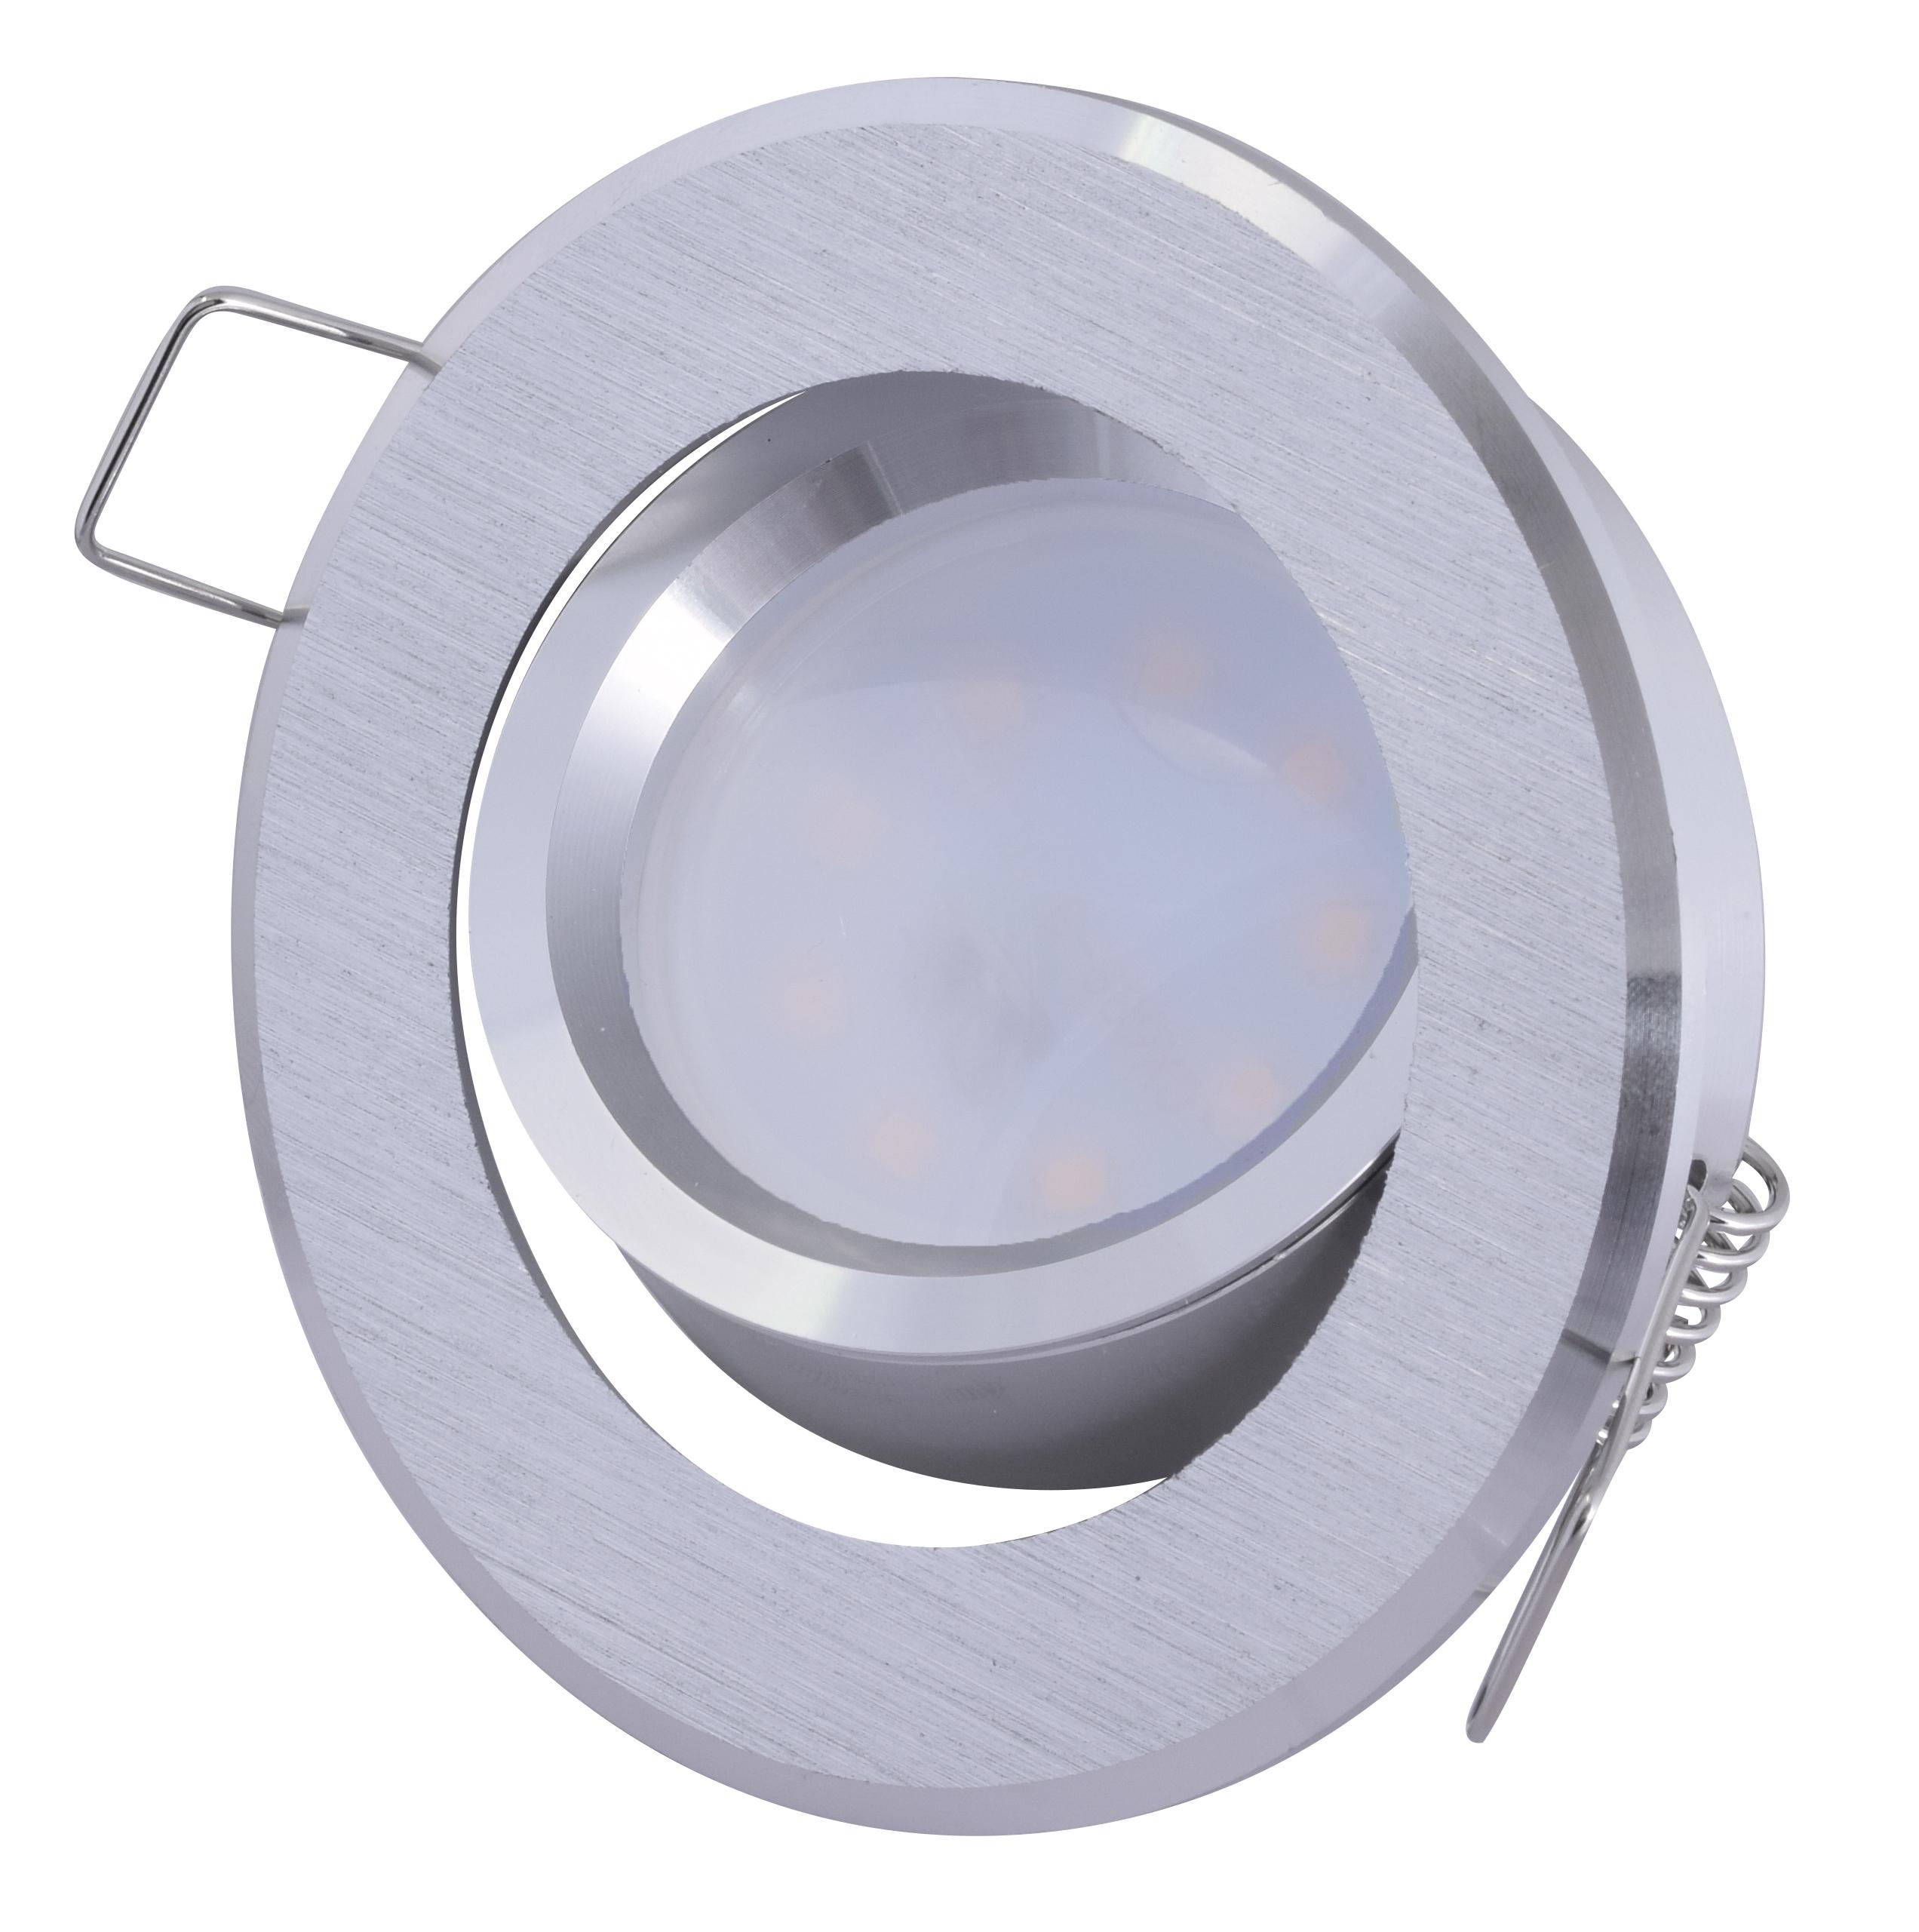 einbaustrahler-led-leuchtmittel-230volt59cf6bcb84dec Wunderbar Led Decken Einbauleuchten Flach Dekorationen